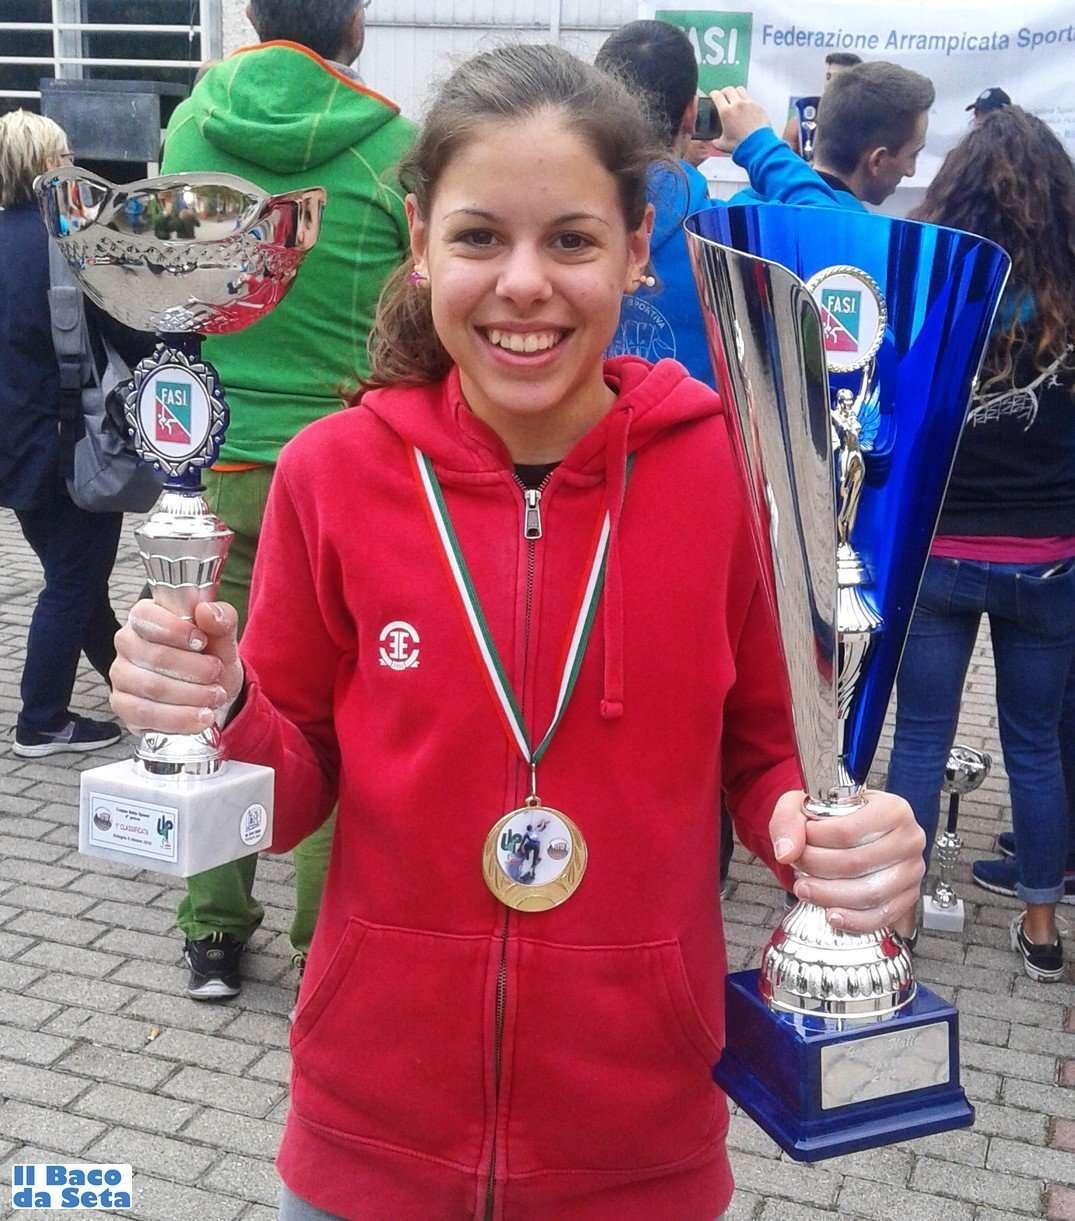 giorgia-strazieri-arrampicatrice-lugagnano-2016-1